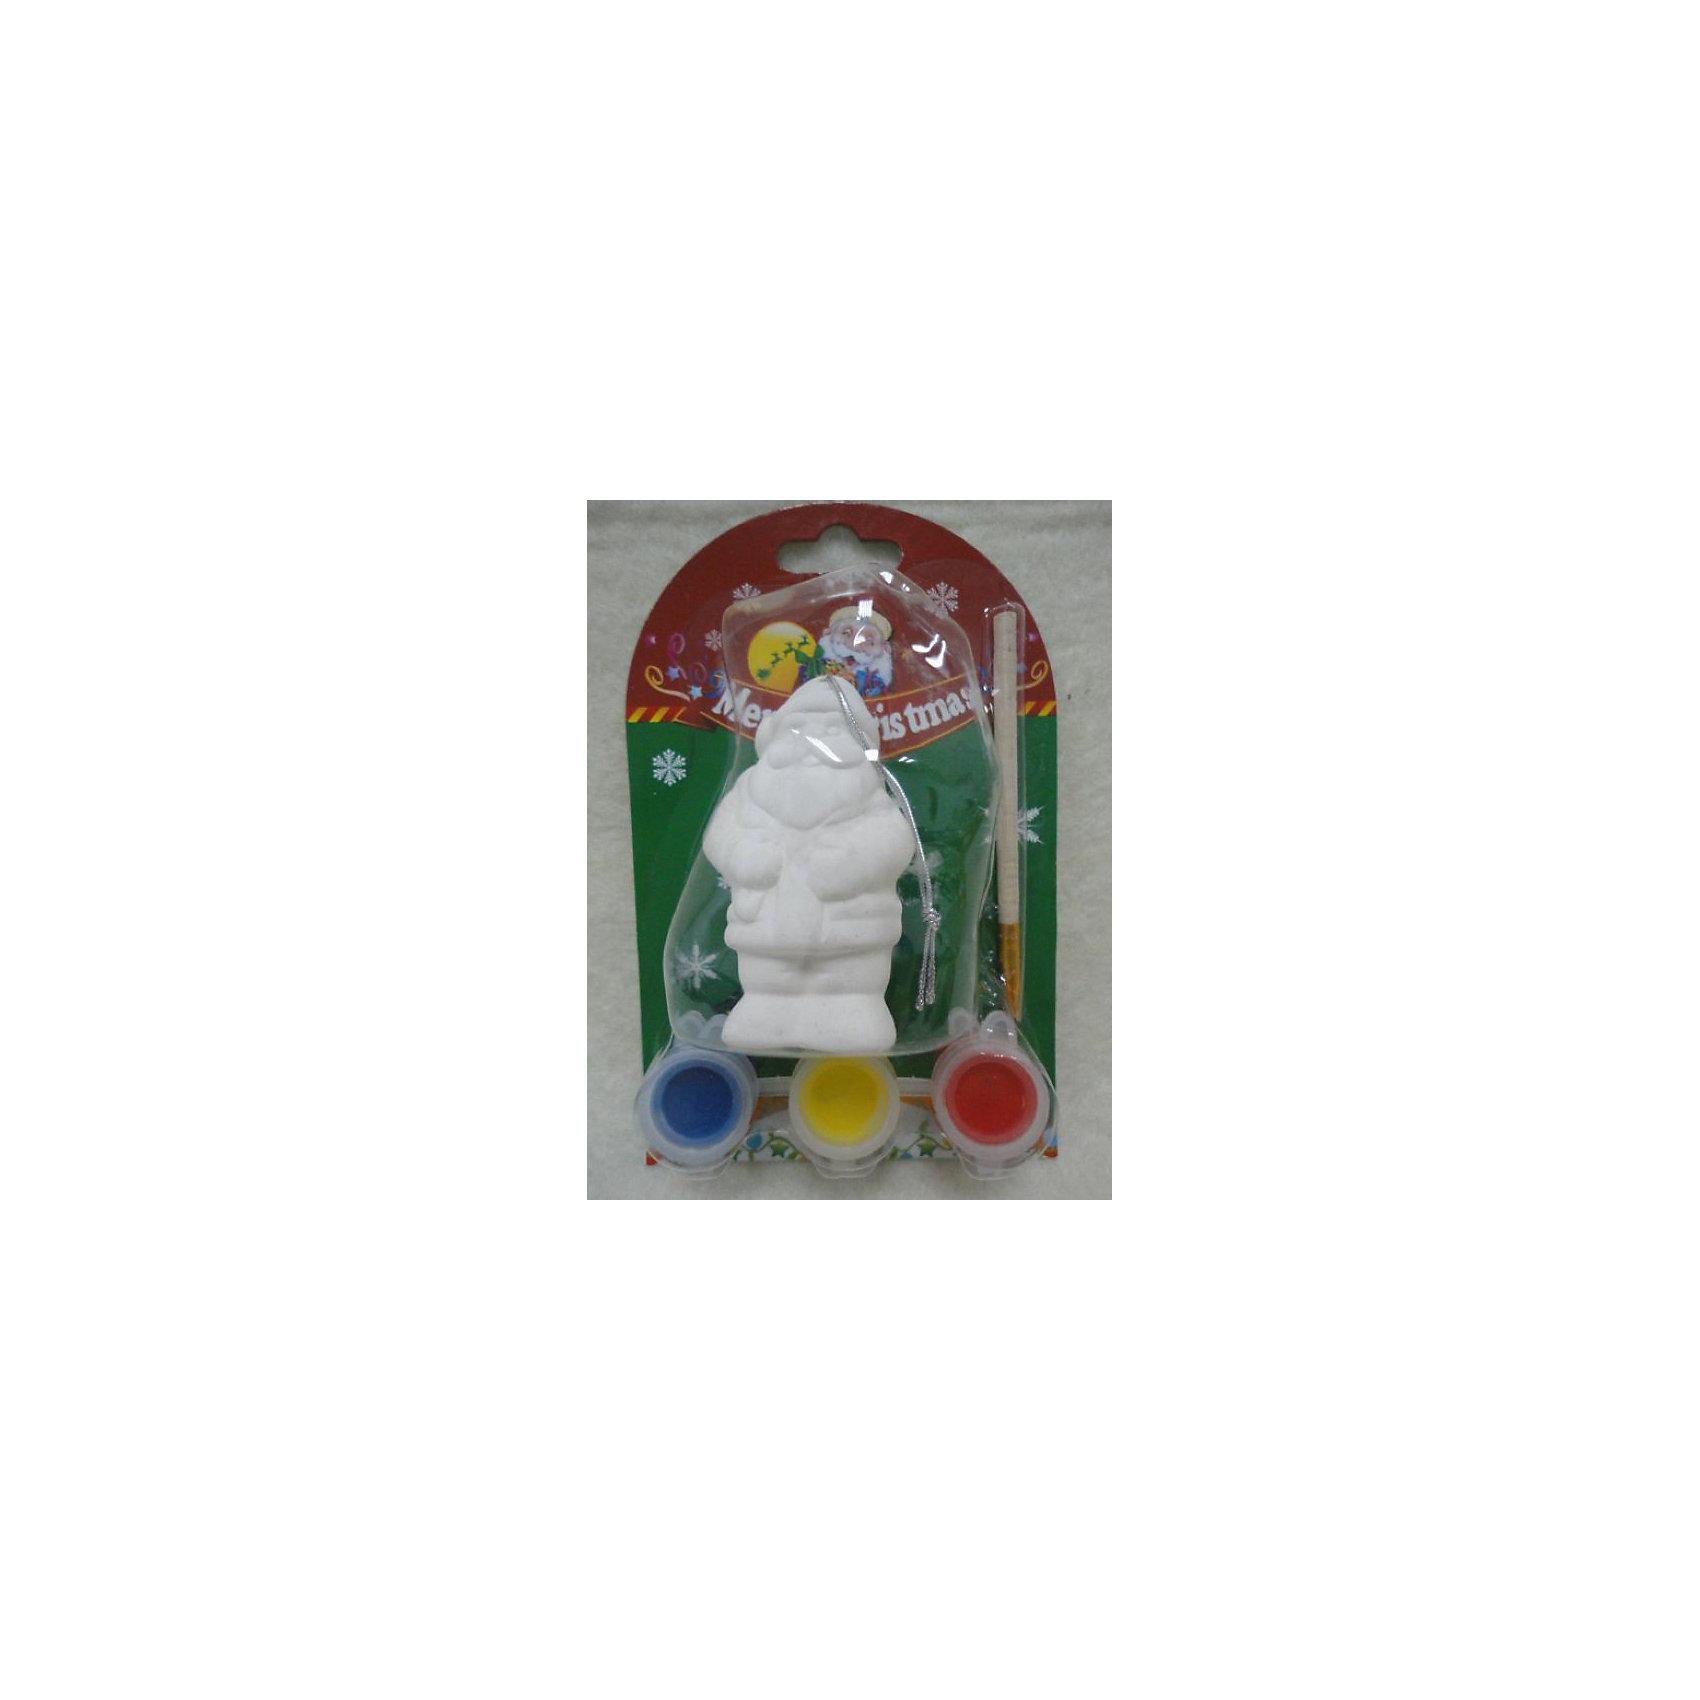 Набор для раскрашивания (керамика, 1 фигурка)Набор для раскрашивания (керамика, 1 фигурка)<br>Набор для раскрашивания станет приятным новогодним сюрпризом для Вашего ребенка. В комплект входит керамическая фигурка Санта Клауса, которую надо раскрасить понравившимися цветами, кисточка и краски. Готовая игрушка замечательно украсит Ваш новогодний интерьер и поможет создать праздничную волшебную атмосферу.<br><br>Дополнительная информация:<br><br>- В наборе: керамическая фигурка, три краски (желтая, красная, синяя), кисть<br>- Размер фигурки: 5,5 х 7,6 см.<br><br>Набор для раскрашивания (керамика, 1 фигурка) можно купить в нашем интернет-магазине.<br><br>Ширина мм: 230<br>Глубина мм: 230<br>Высота мм: 30<br>Вес г: 167<br>Возраст от месяцев: 36<br>Возраст до месяцев: 2147483647<br>Пол: Унисекс<br>Возраст: Детский<br>SKU: 4276466